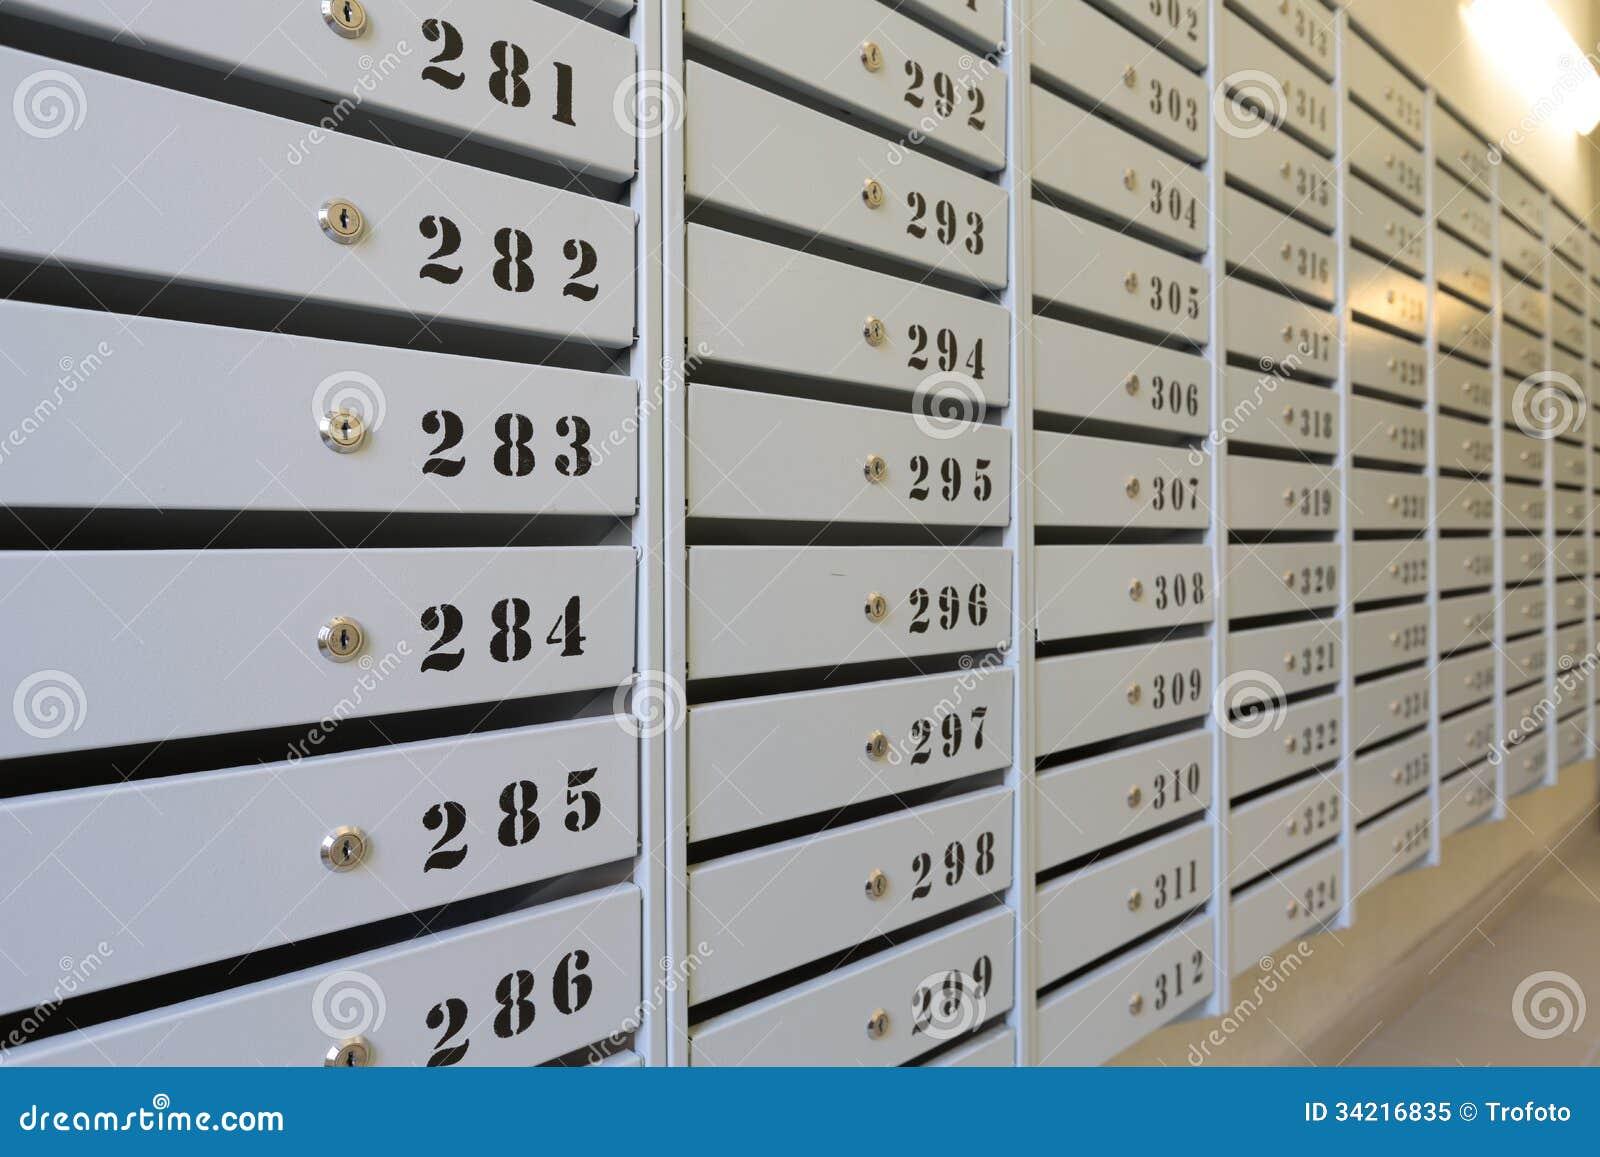 Modern Mailbox Design